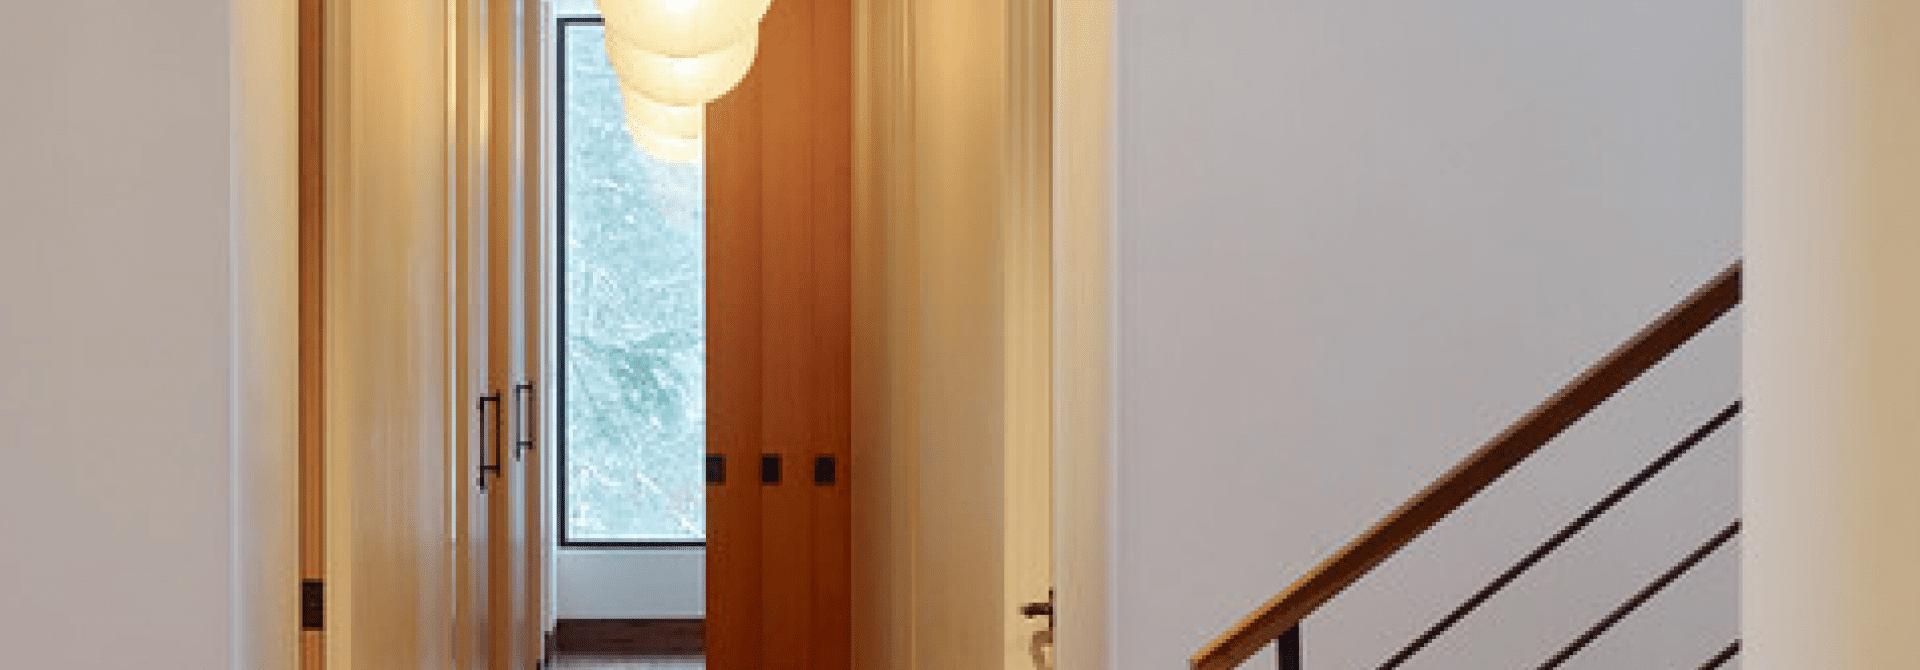 Décoration couloir et espace de passage   Blog SIMON